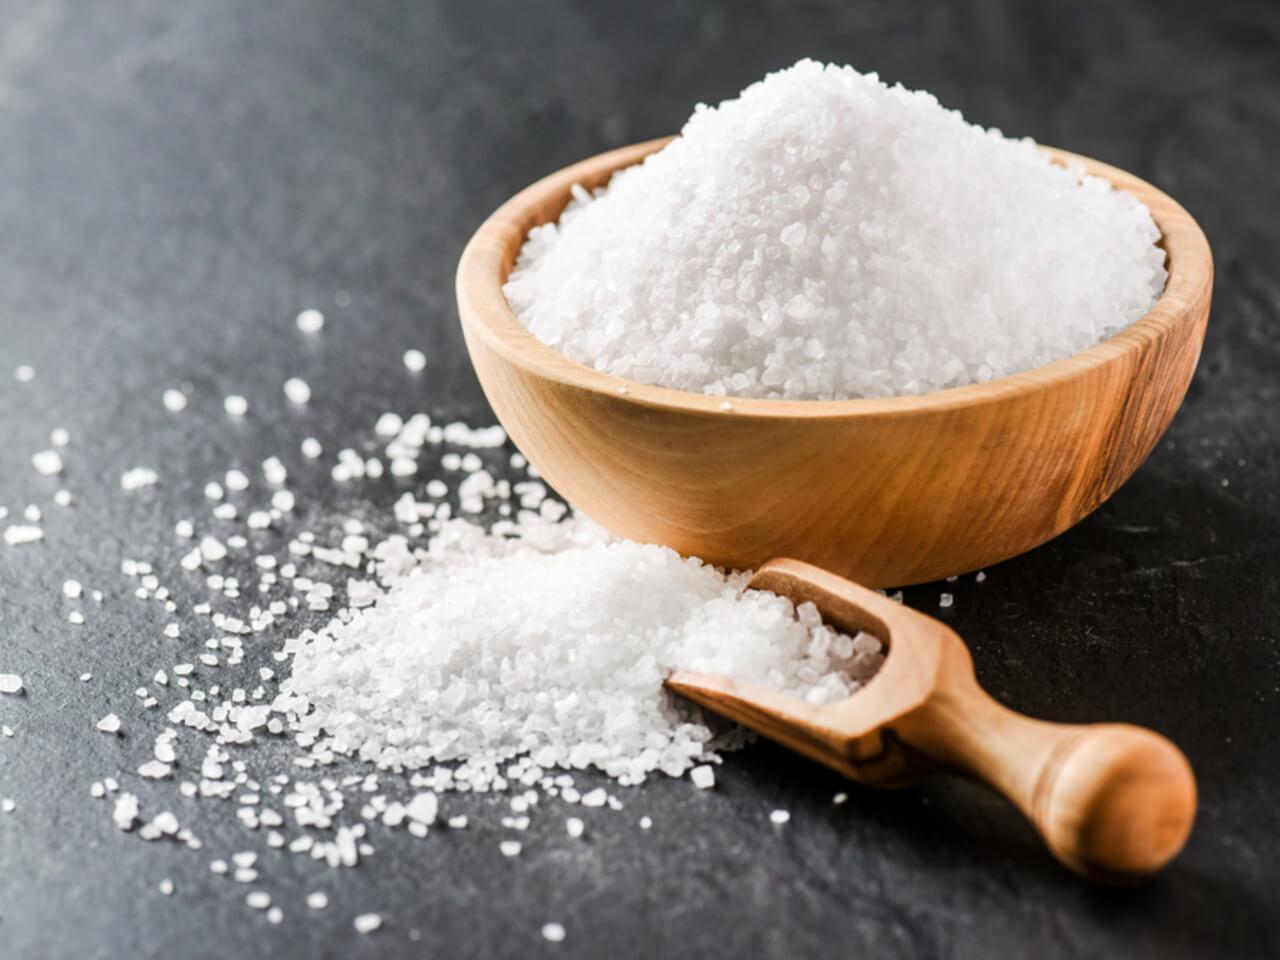 Všudypřítomná sůl: Jak působí na lidské zdraví a kolik soli denně přijmout